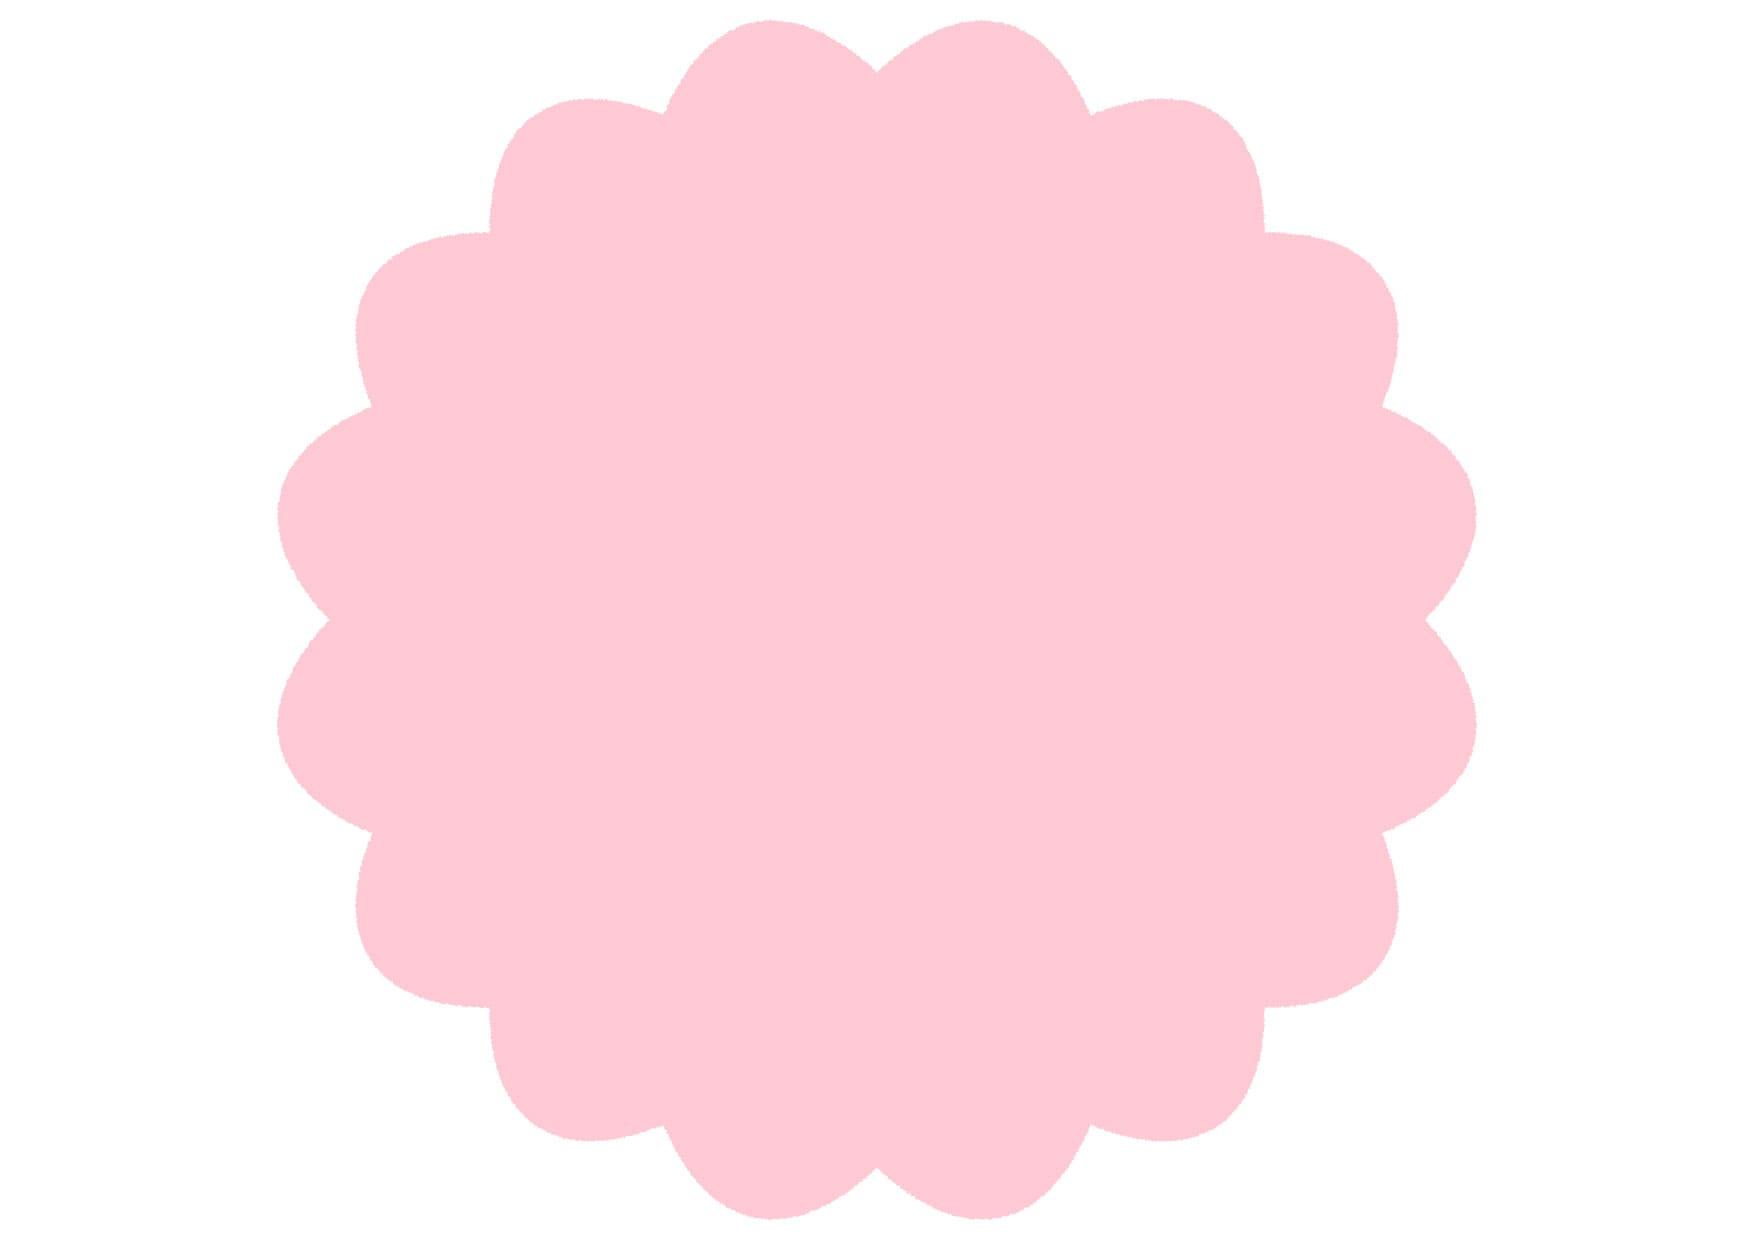 可愛いイラスト無料|シンプル やわらかい フレーム ピンク − free illustration Simple soft frame pink